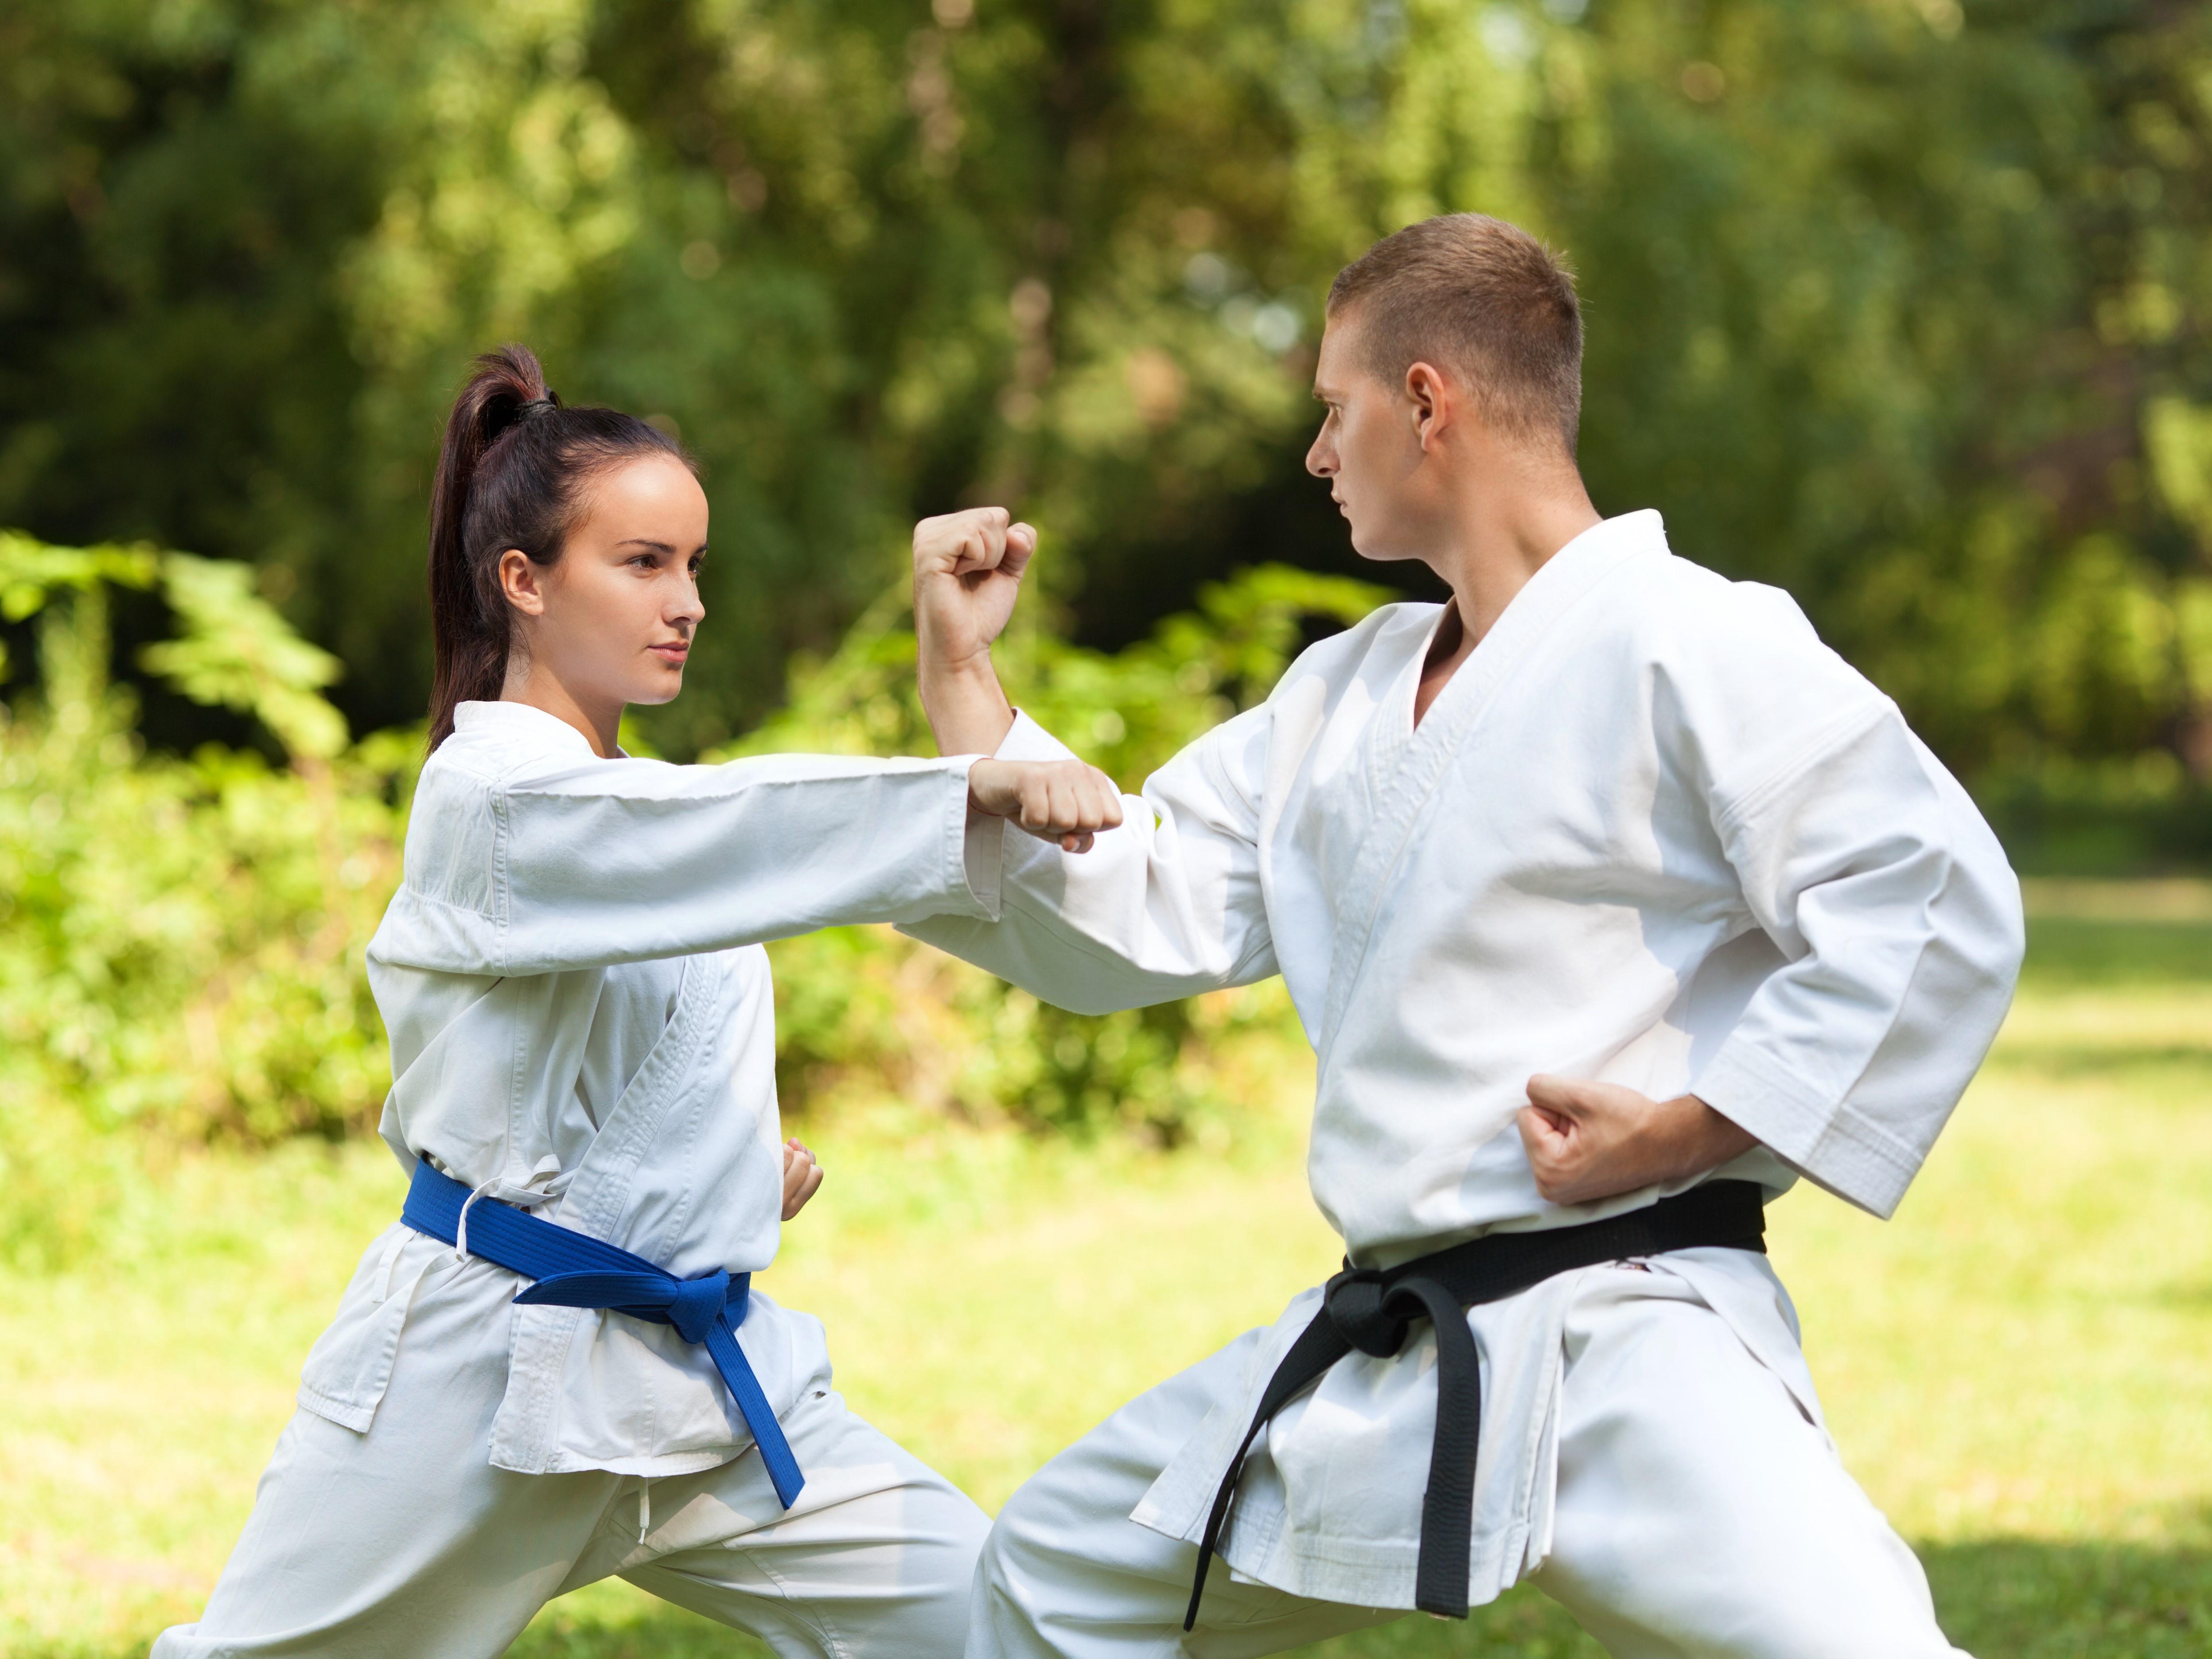 О мотивации и пользе единоборств, занятий спортом - портал обучения и саморазвития